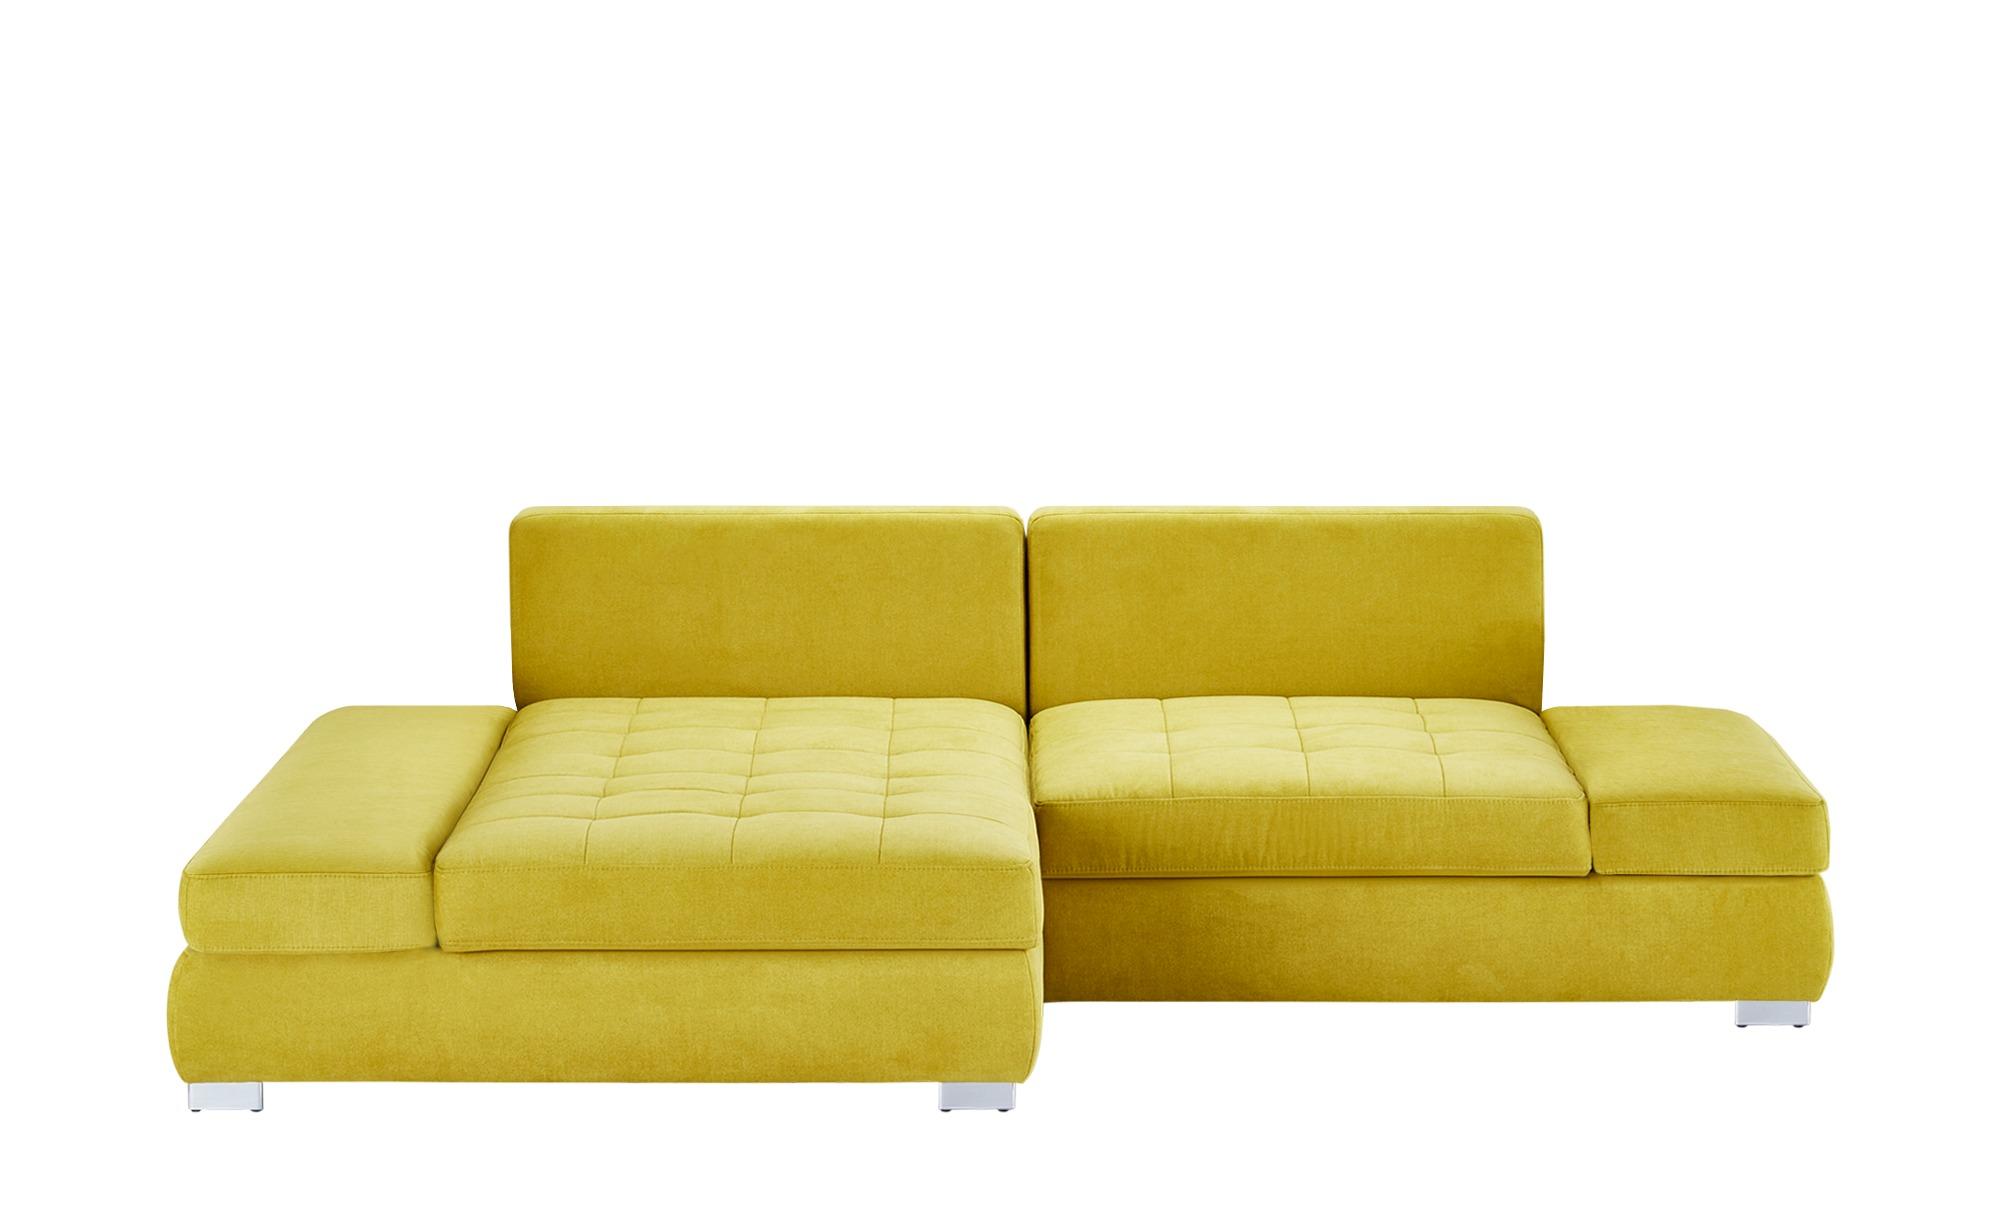 Ecksofa curacao breite h he 74 cm gelb online kaufen bei for Ecksofa breite 200 cm